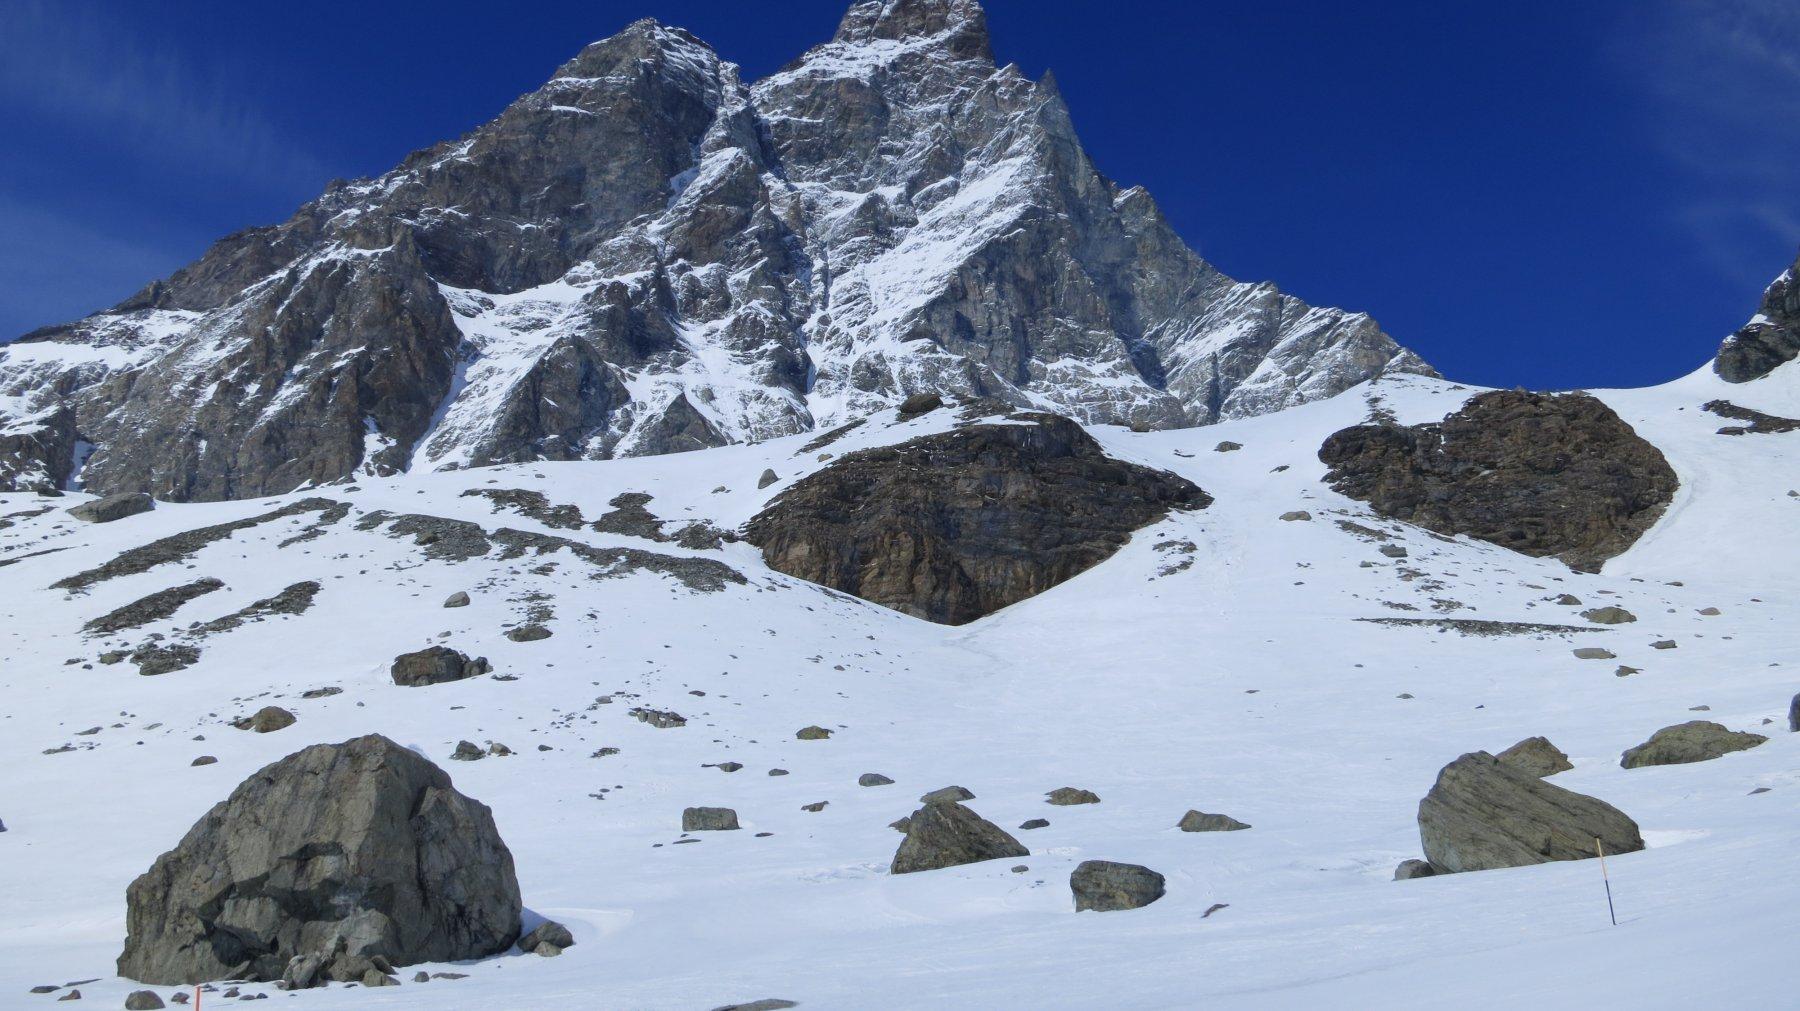 con neve scarsa si evidenzia il traverso che sale a sx verso la valletta sospesa